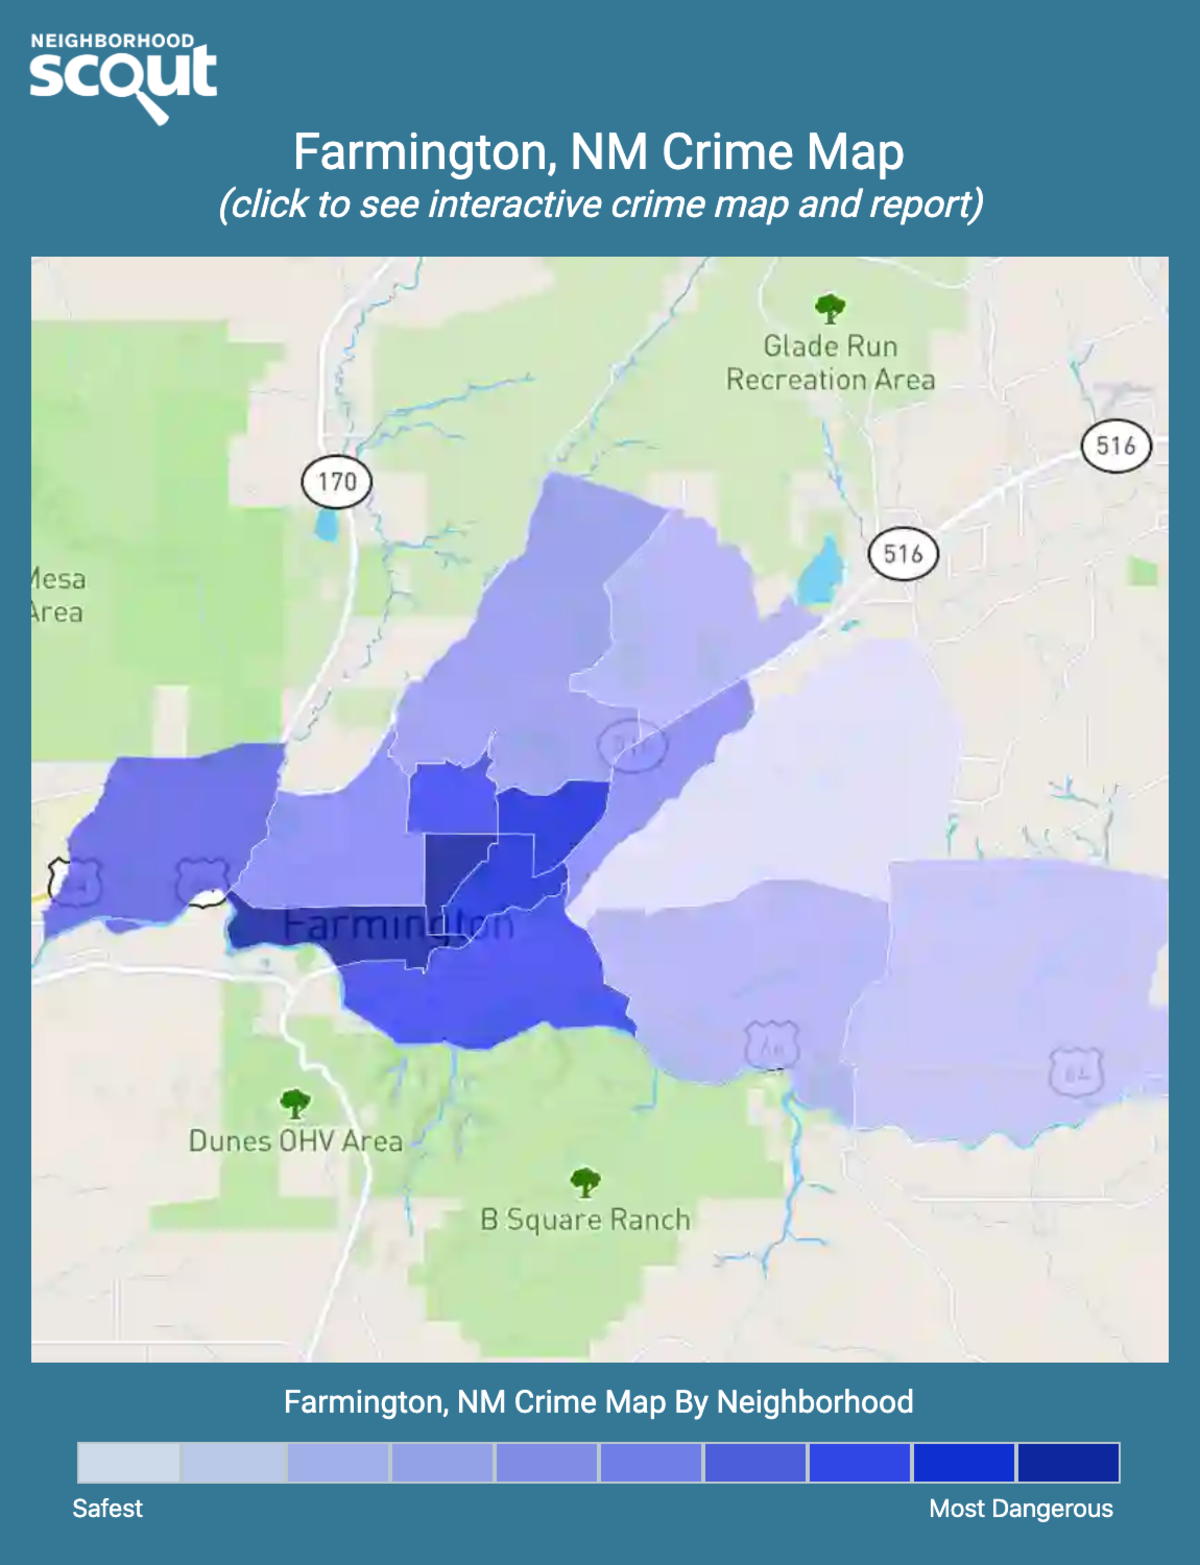 Farmington, New Mexico crime map